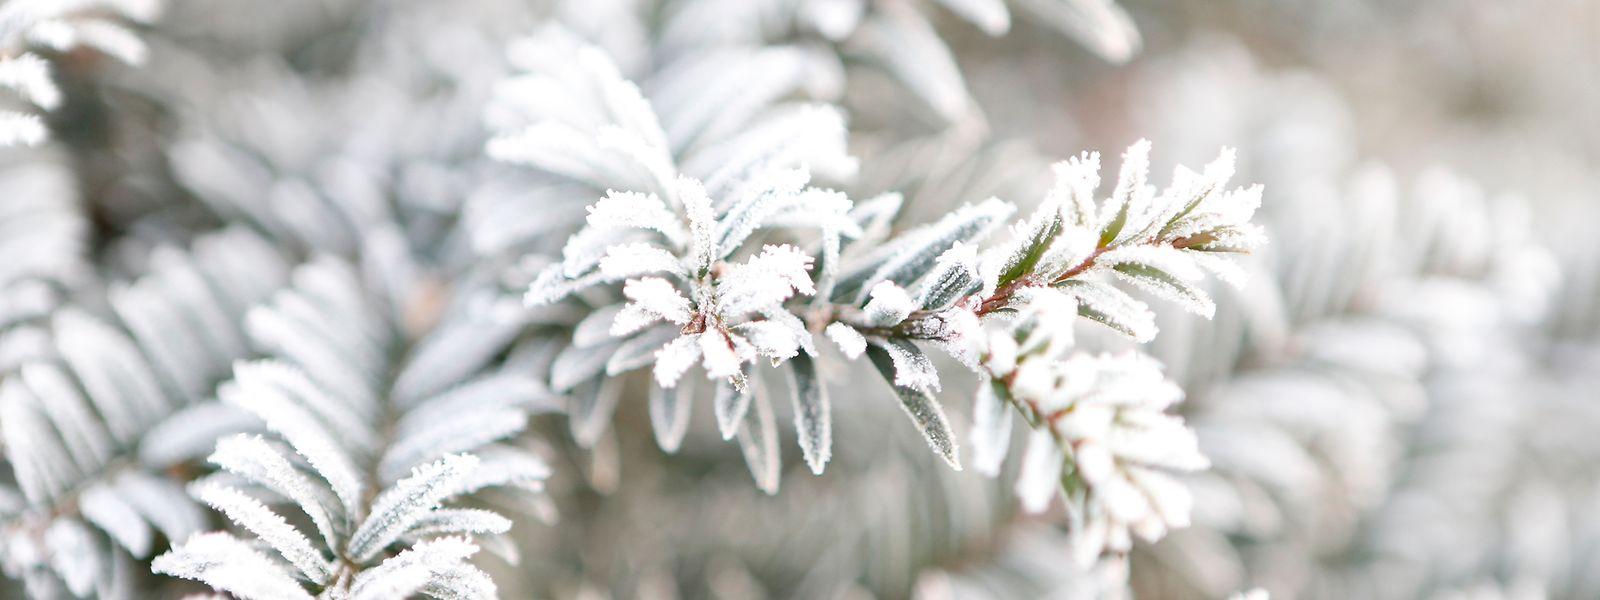 Vor allem in der Nacht werden die Temperaturen kommende Woche lokal auf mehr als -10 Grad sinken.